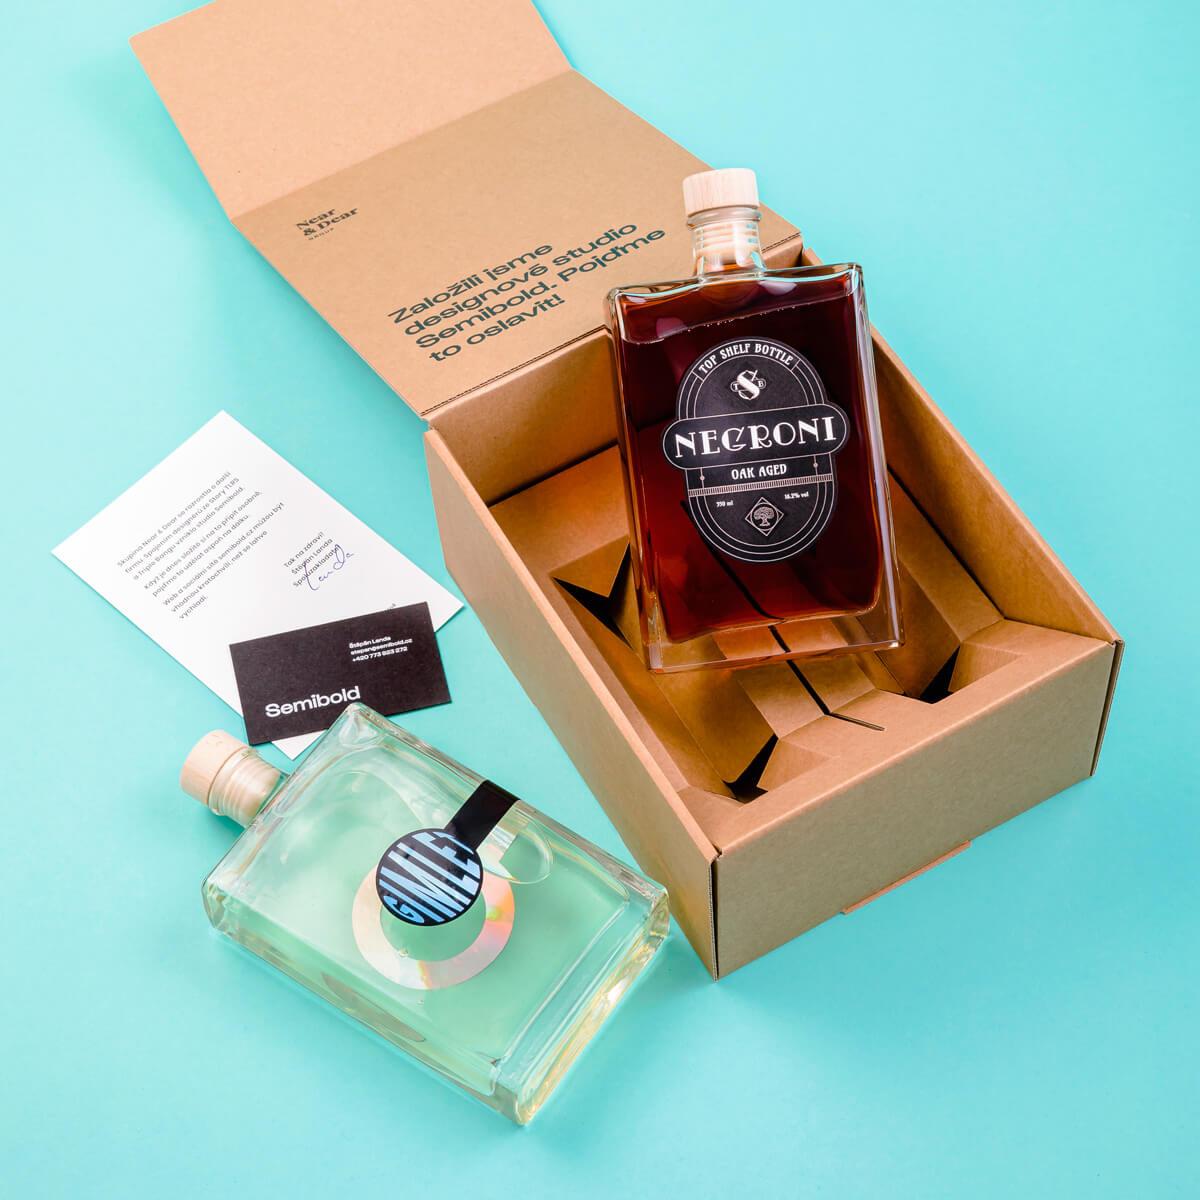 Otevřená krabice s koktejly, dopisem a vizitkou